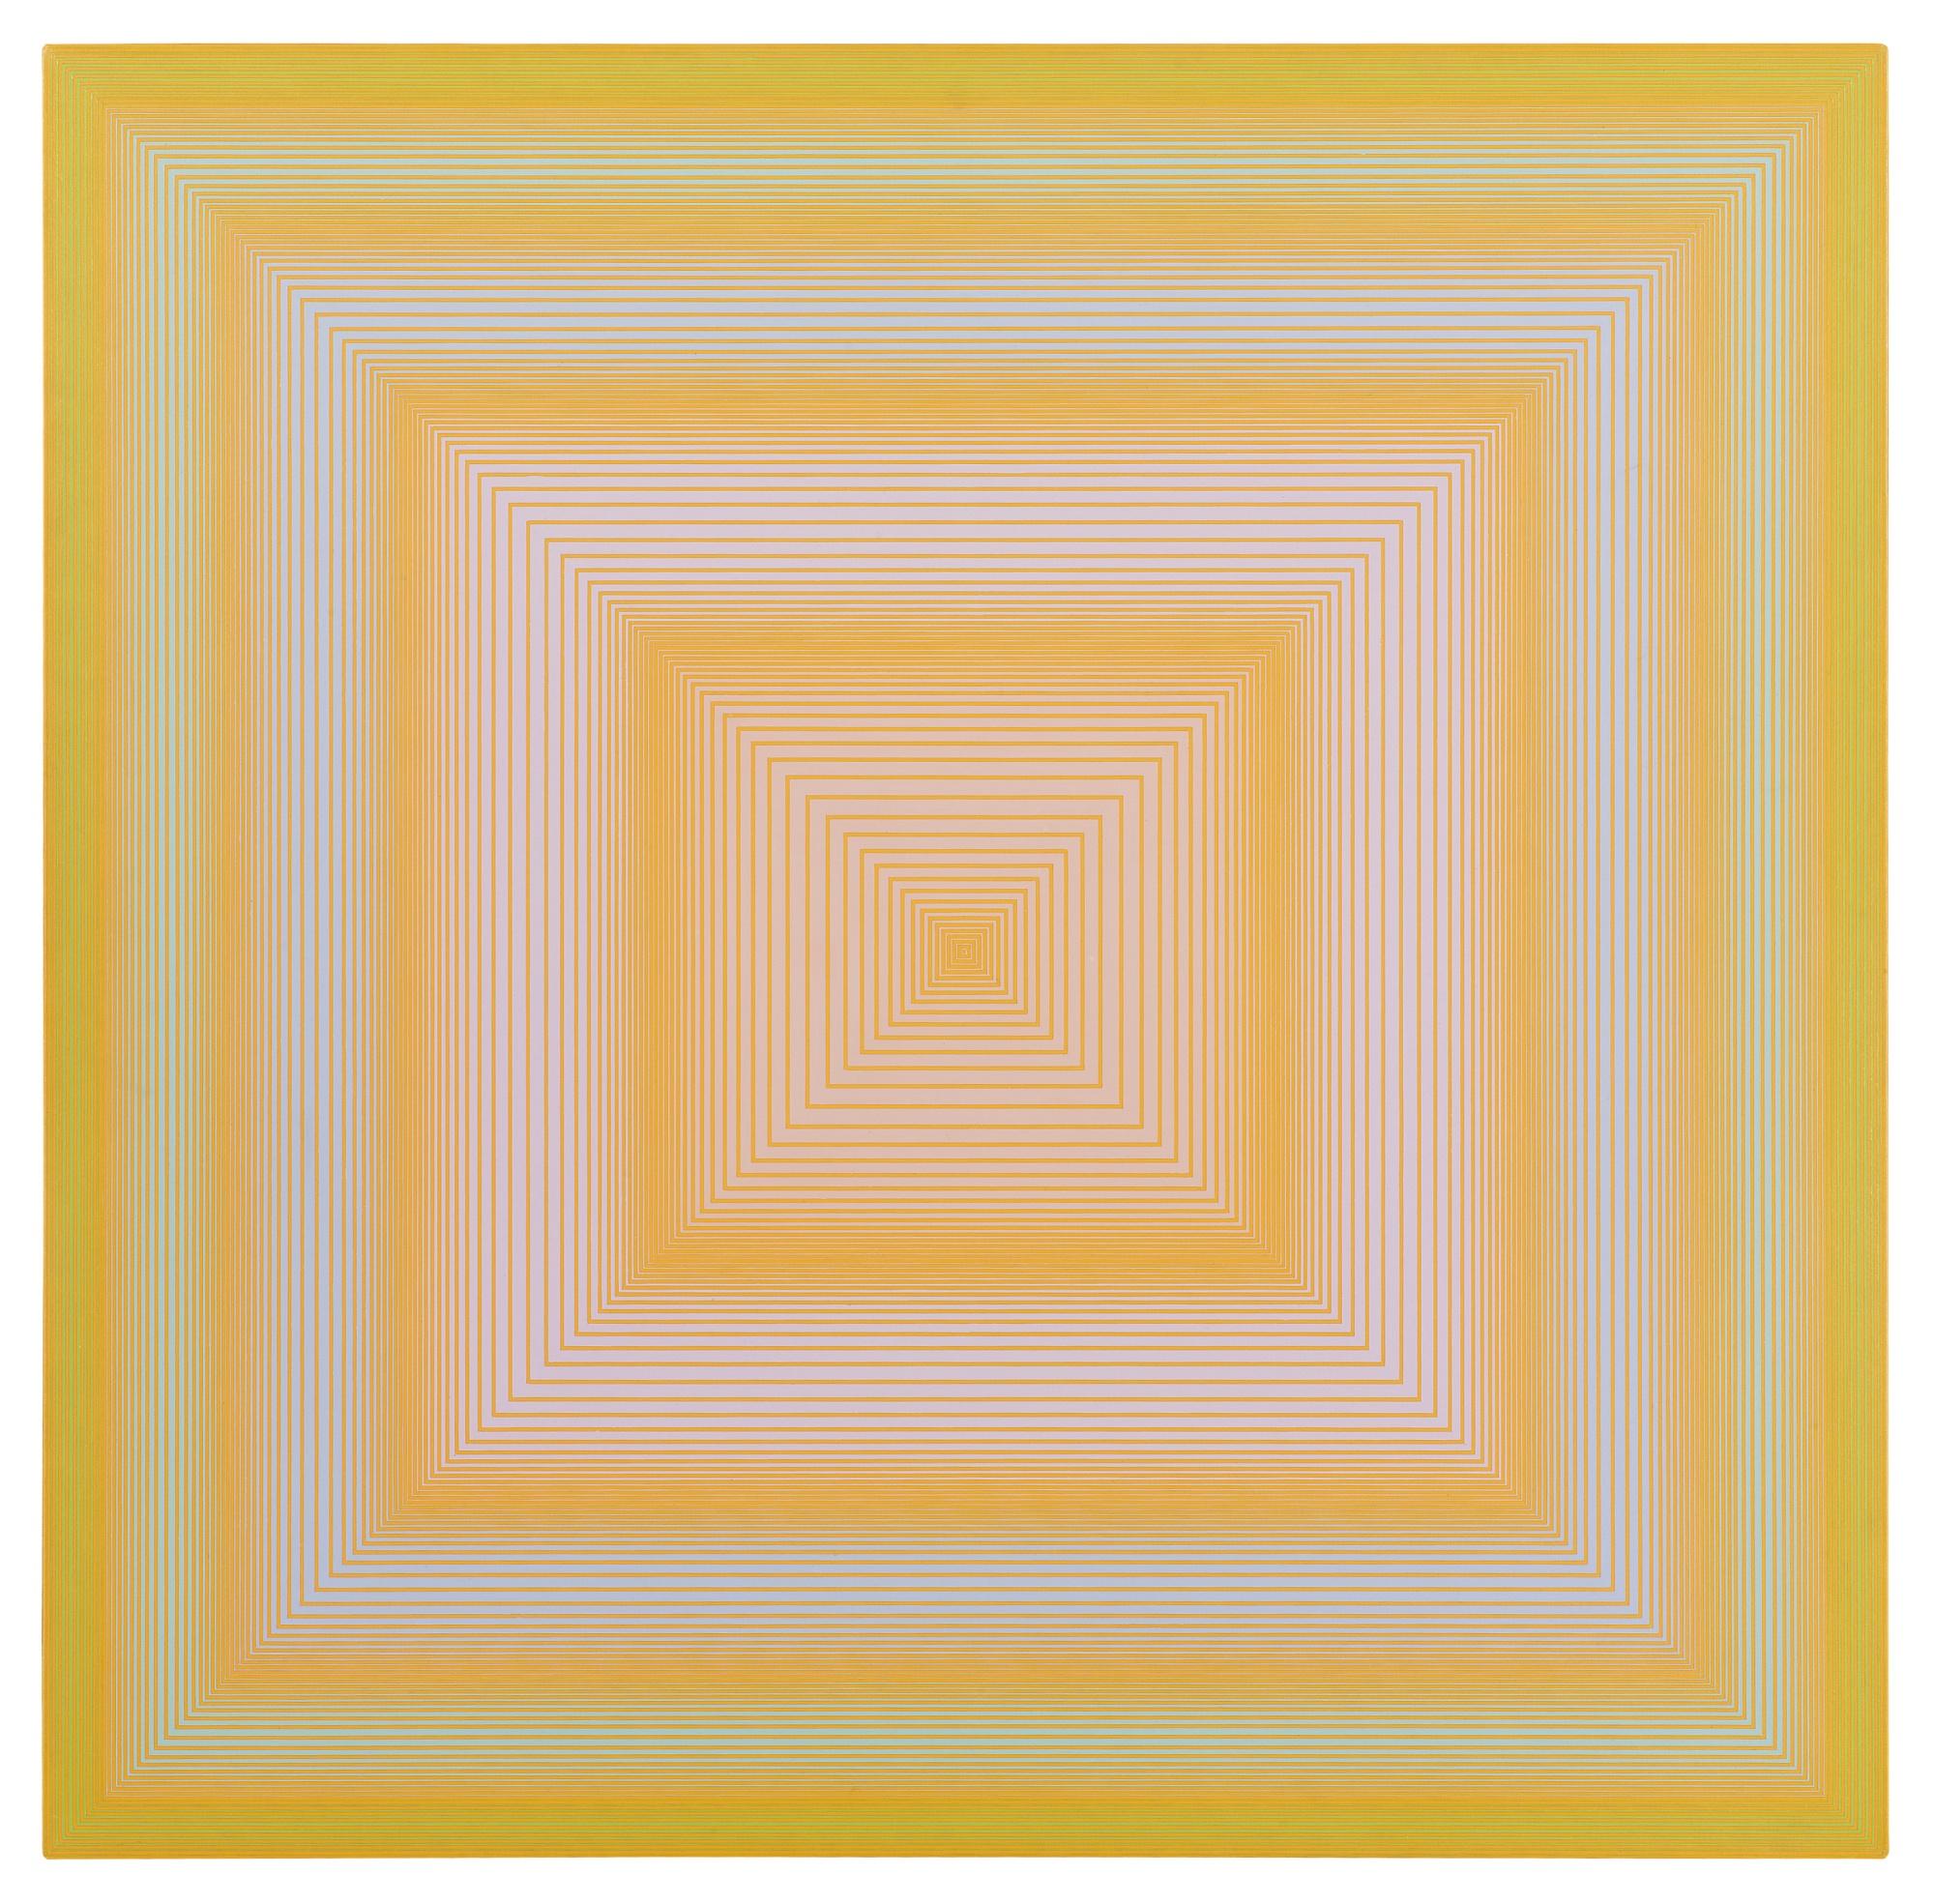 Richard Anuszkiewicz-Untitled-1972